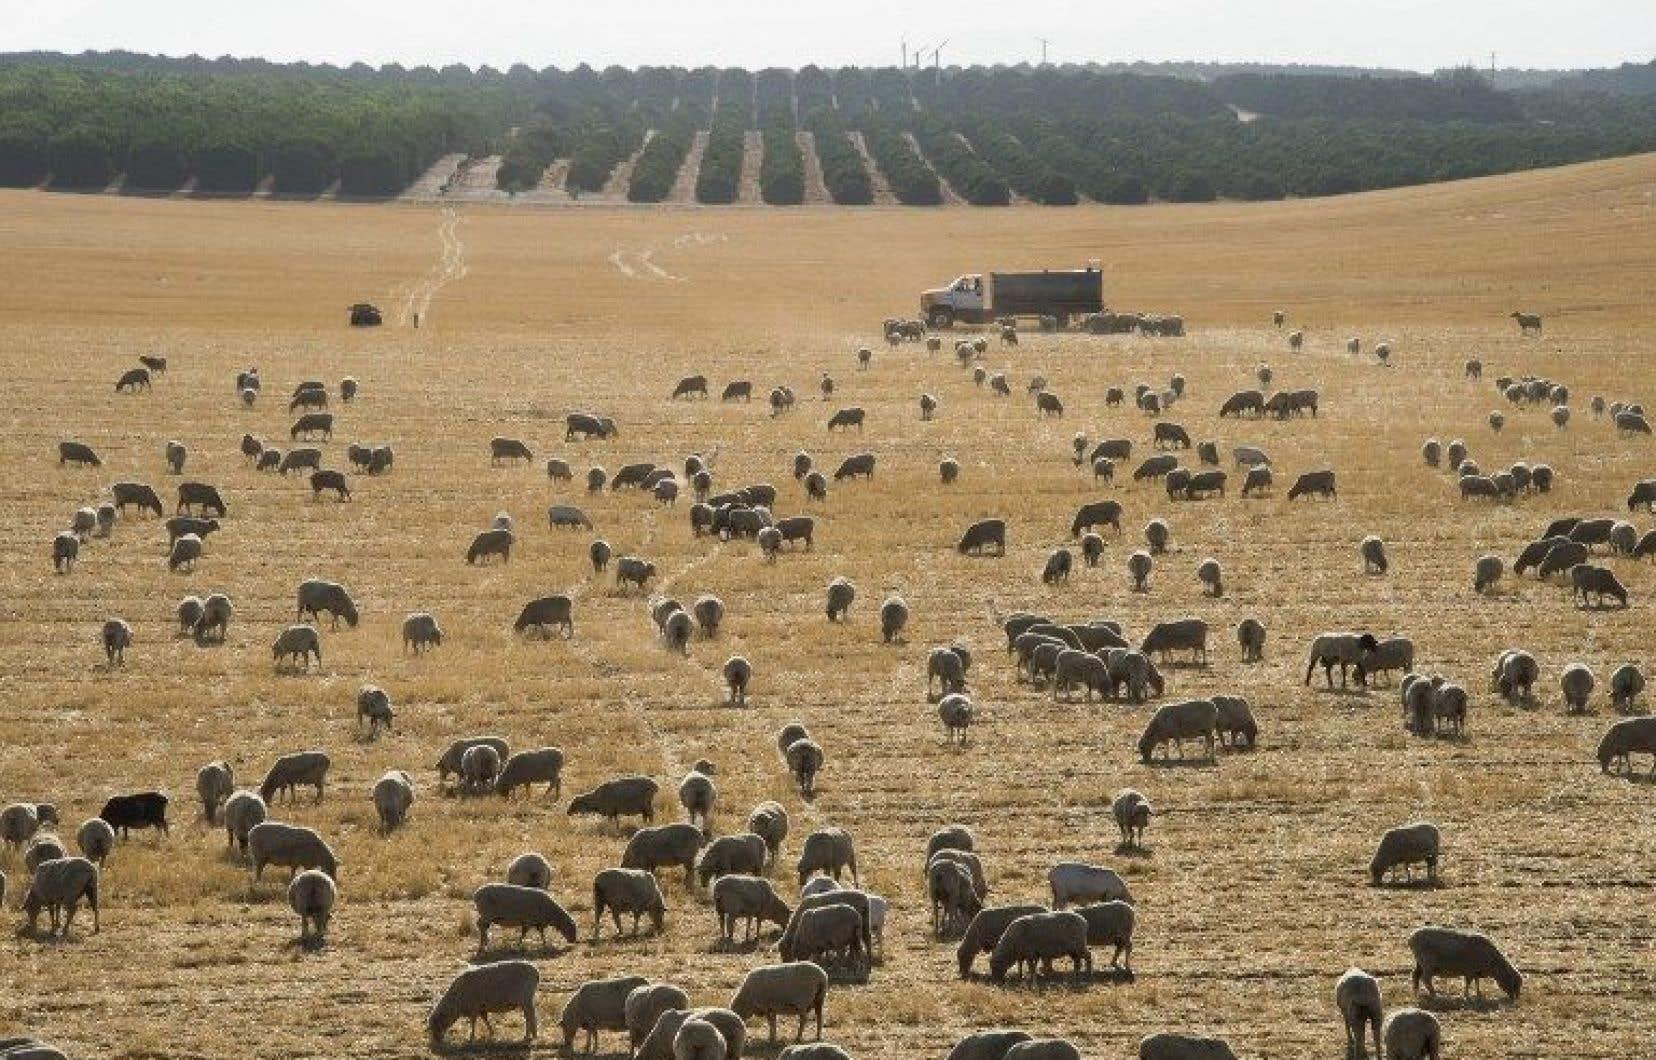 Les bouleversements du climat provoquent déjà une augmentation importante des événements climatiques extrêmes, dont les sécheresses comme celle vécue en Californie.